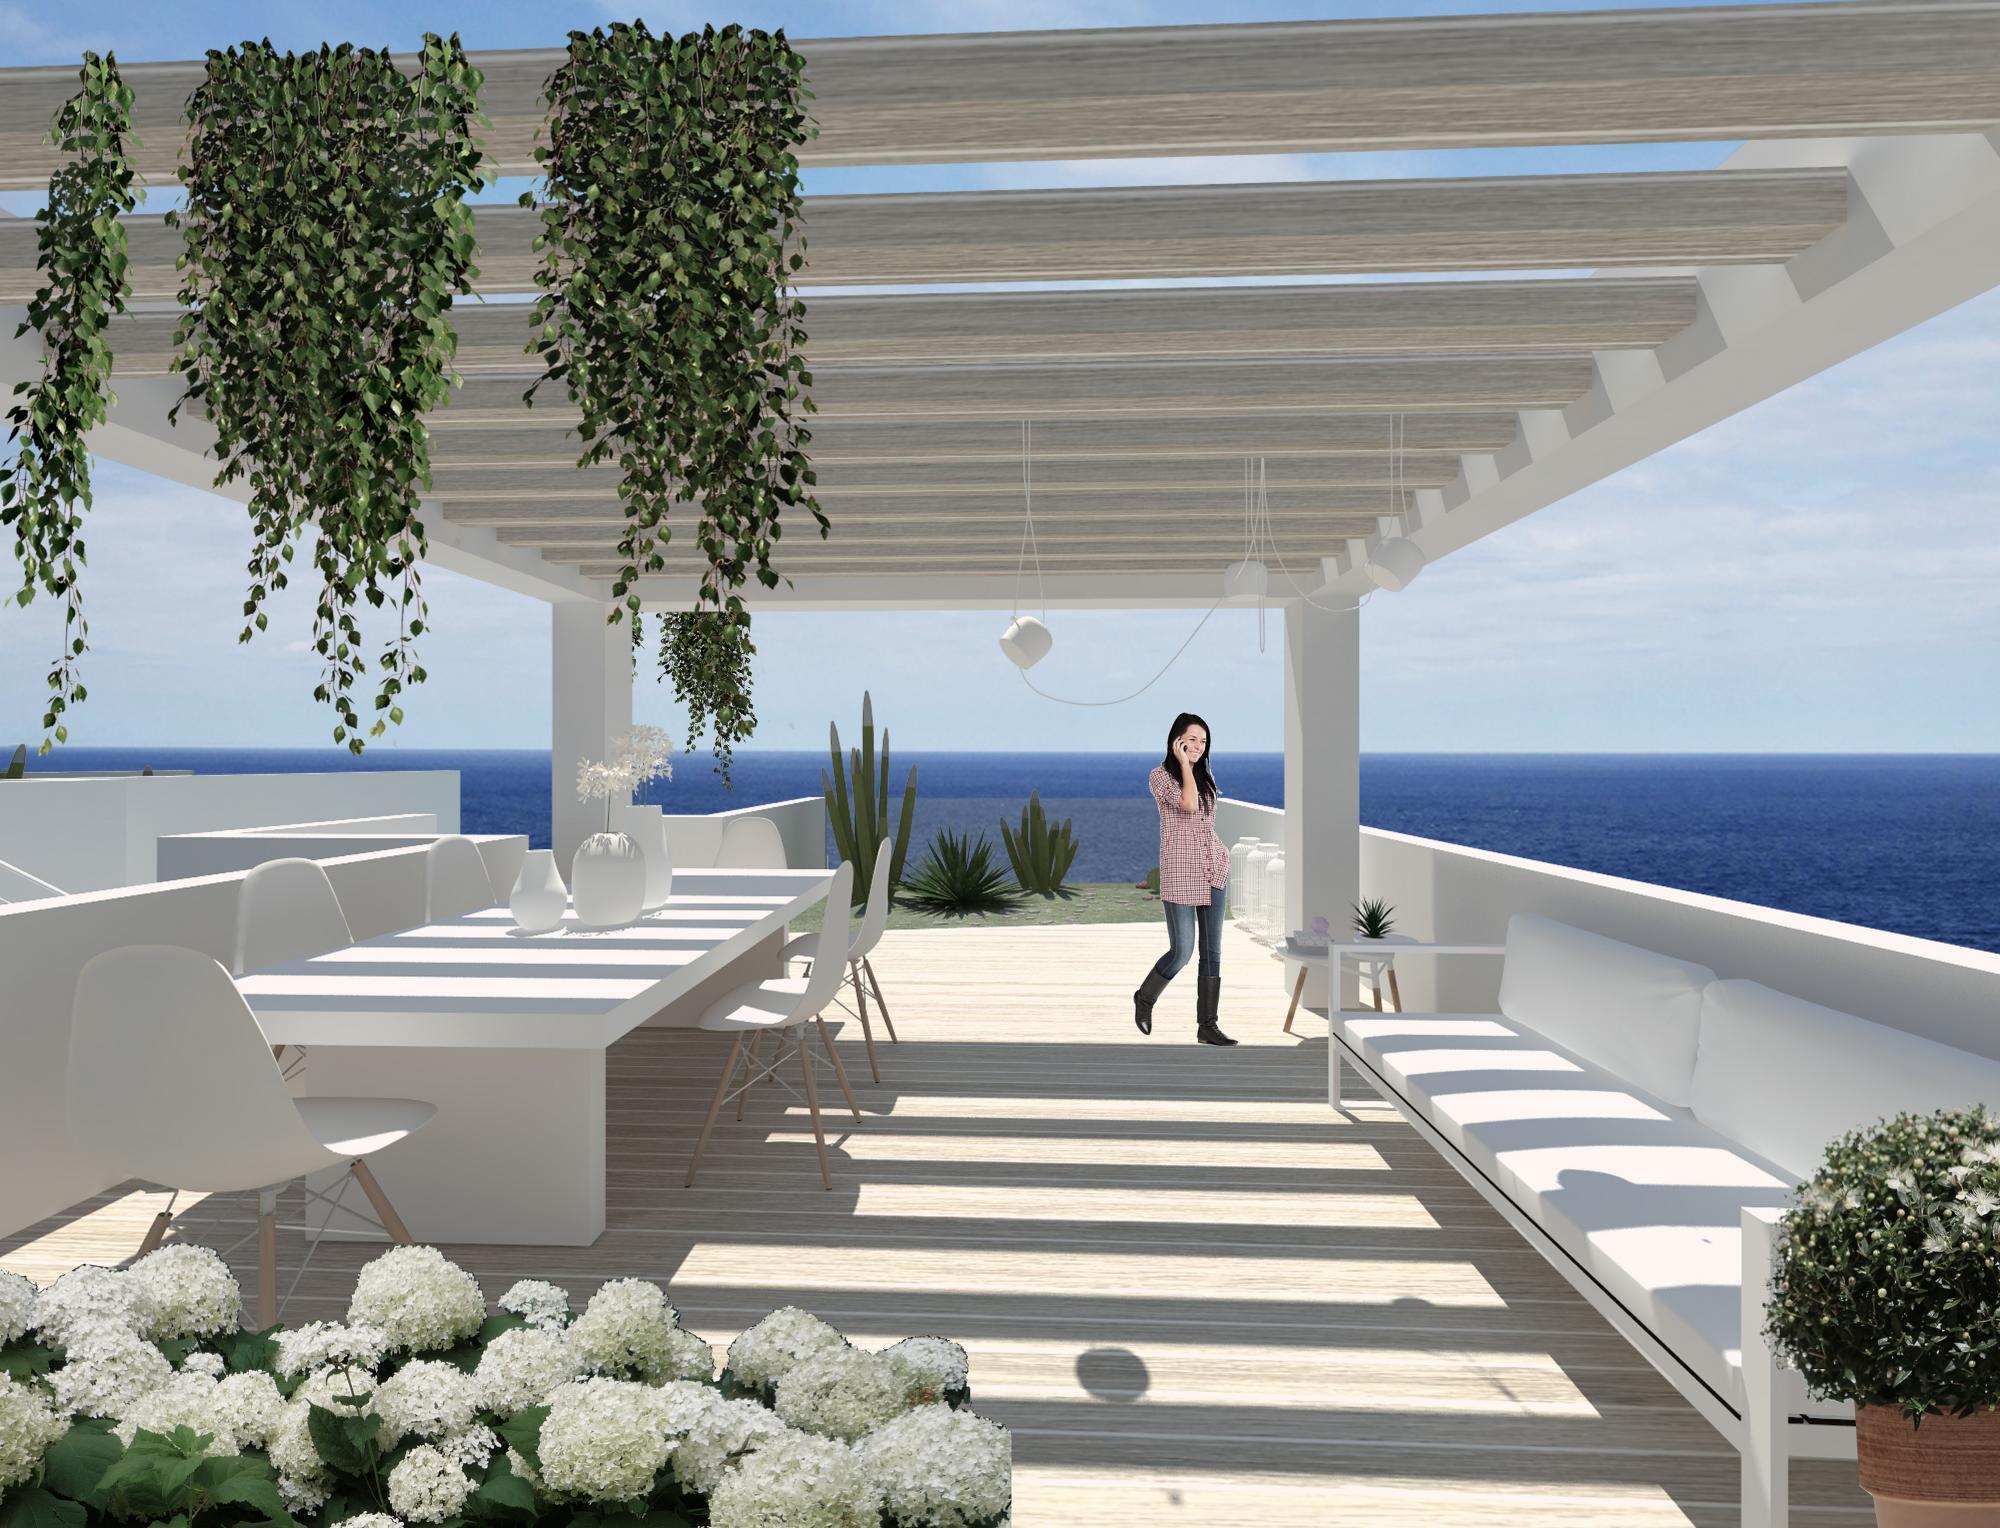 Vendesi due ville di pregio fronte mare con piscina a piano primo castrignano del capo - Ville in vendita con piscina ...